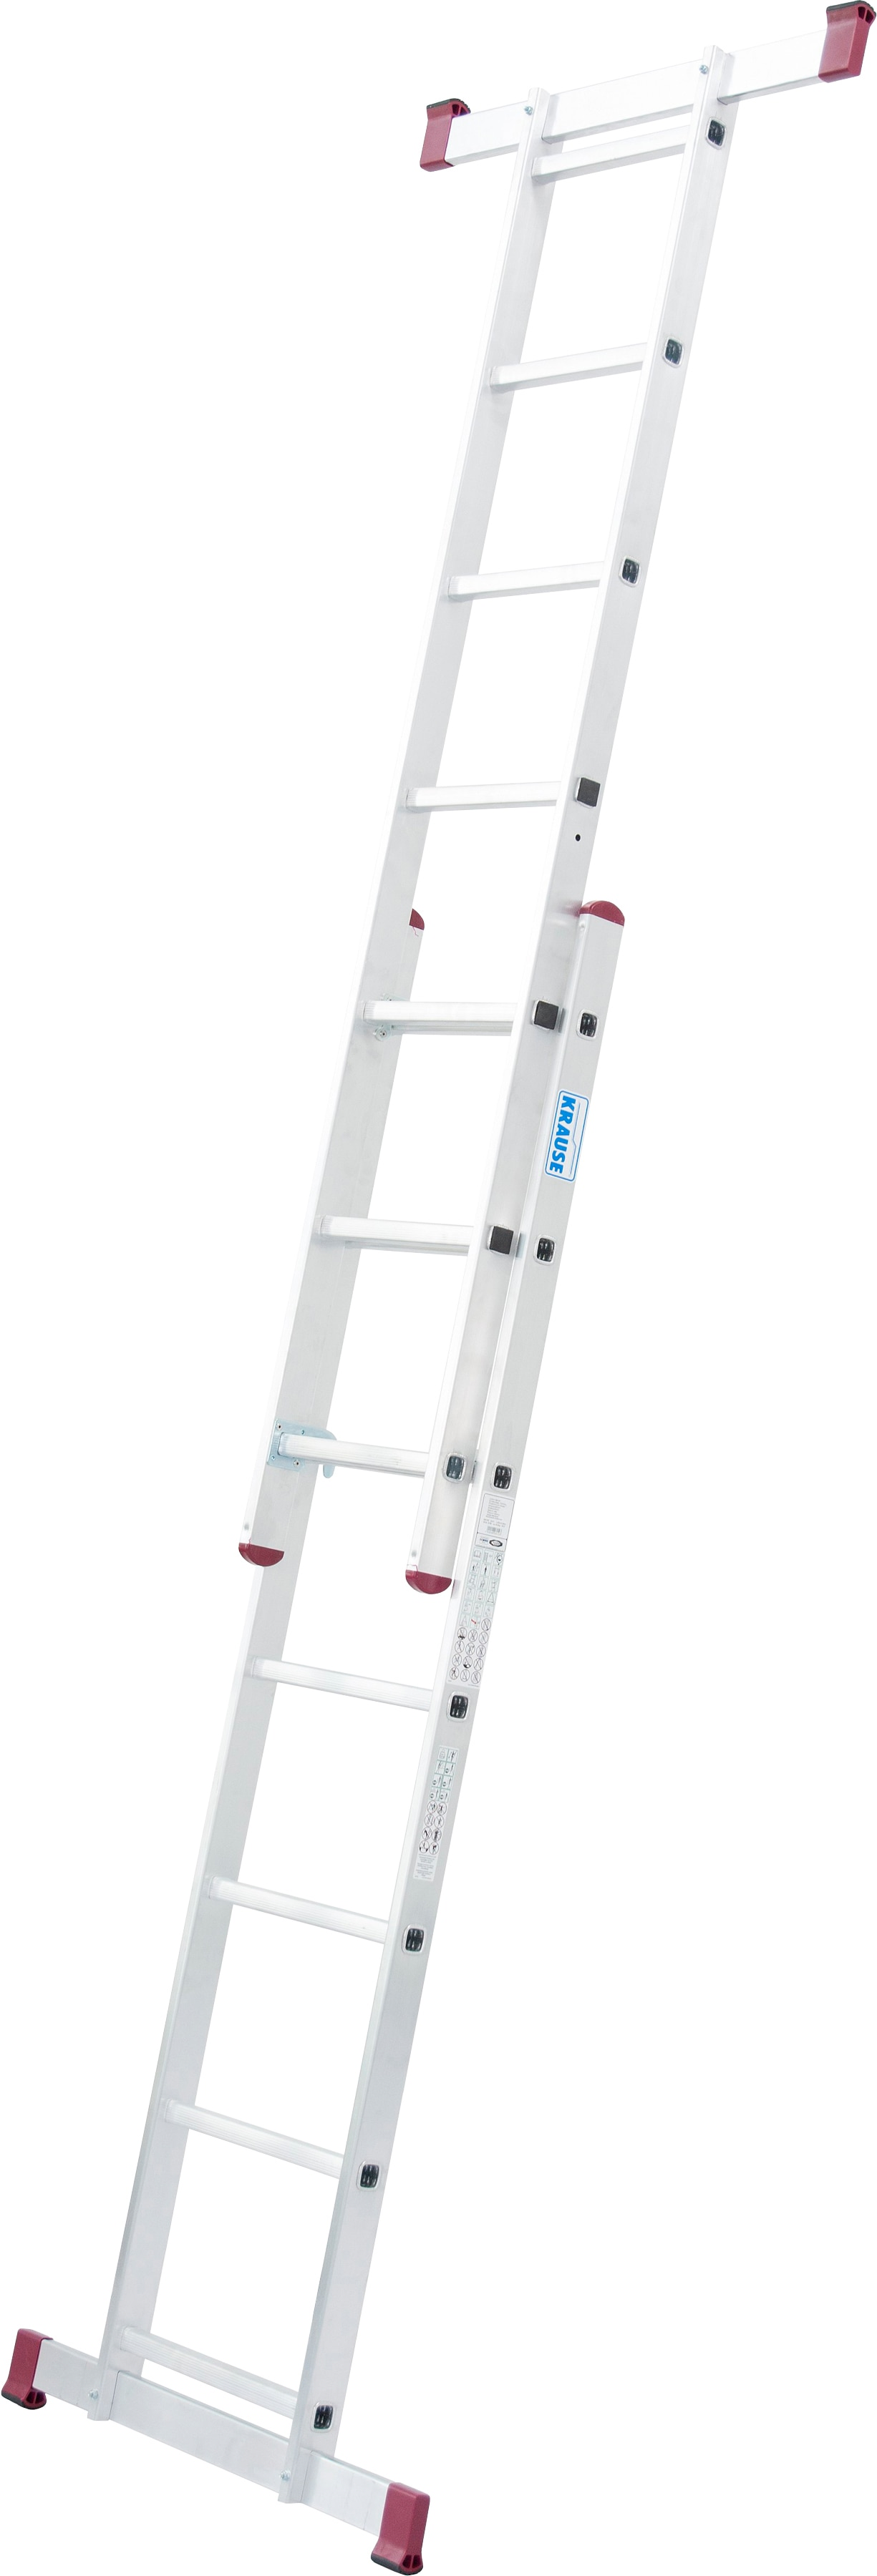 KRAUSE Leiterngerüst »Corda«, 2x7 Sprossen | Baumarkt > Leitern und Treppen > Leitergerüst | KRAUSE